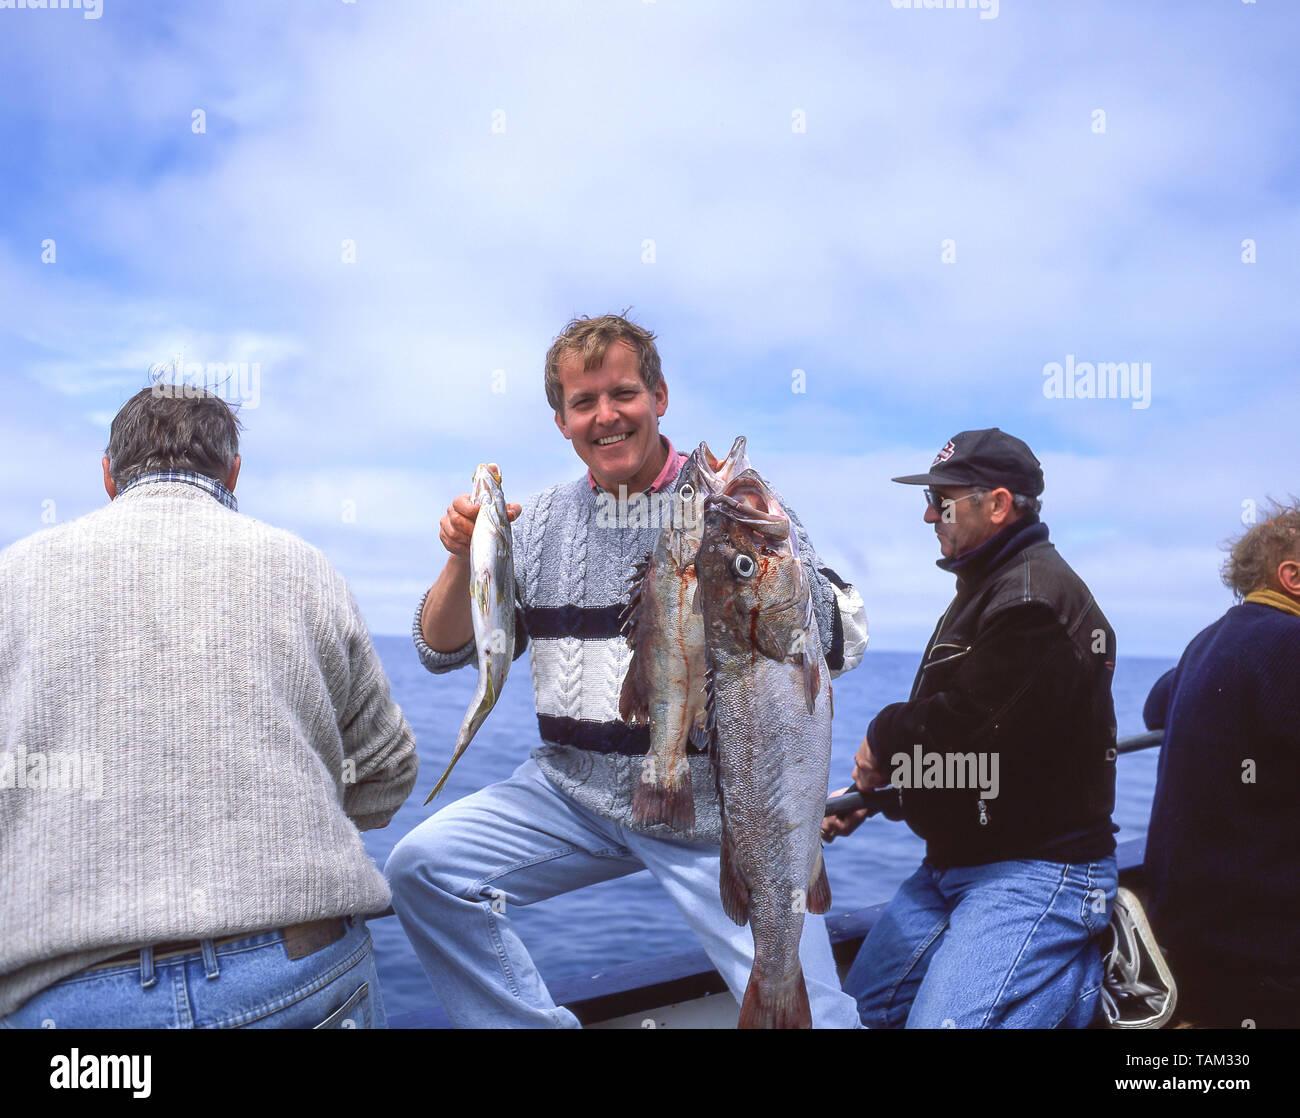 Jeune homme tenant un poisson attraper sur bateau de pêche, Oamaru, Région de l'Otago, île du Sud, Nouvelle-Zélande Banque D'Images